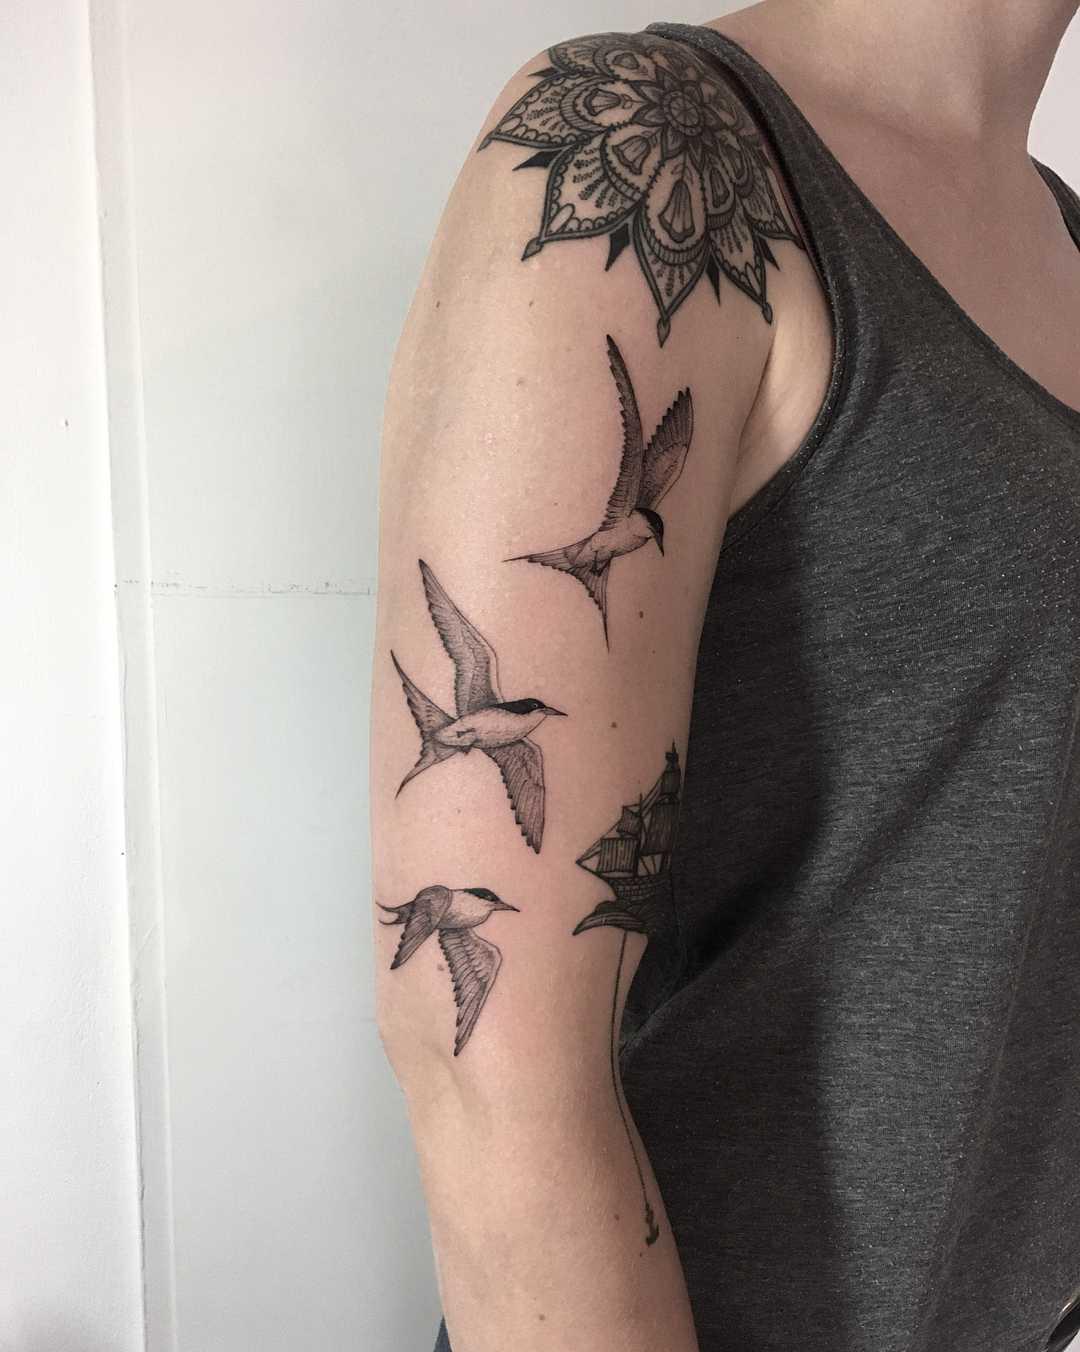 Terns by tattooist Spence @zz tattoo